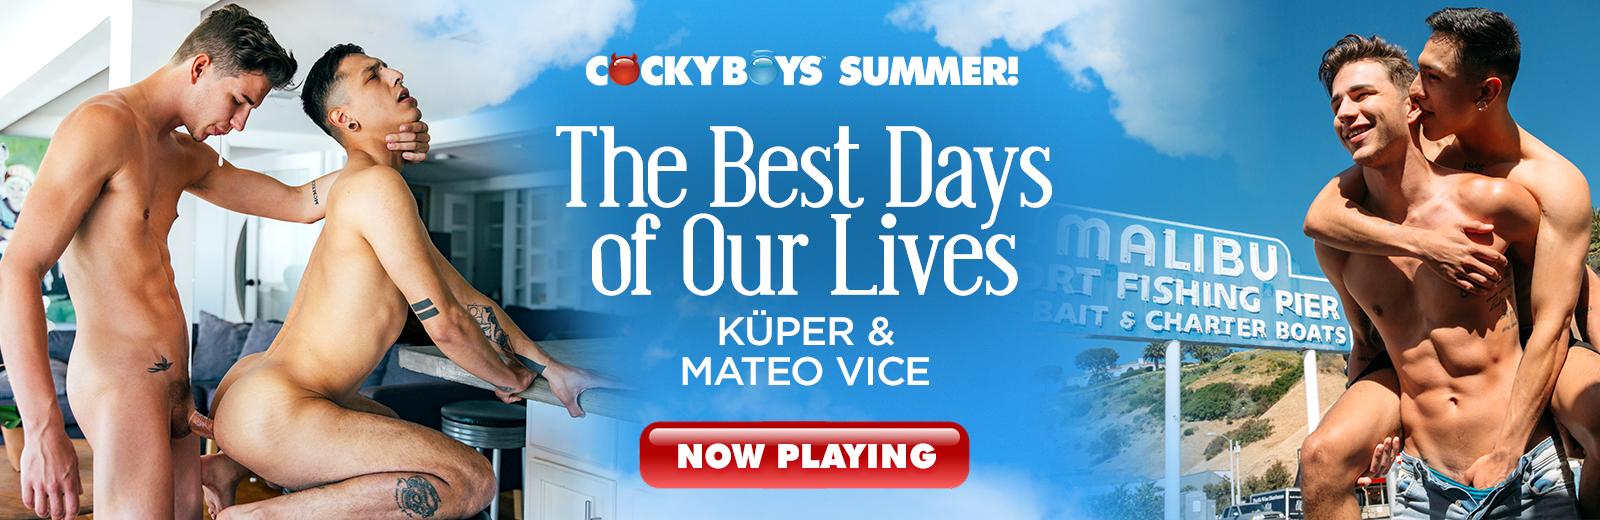 kuper-mateo-vice